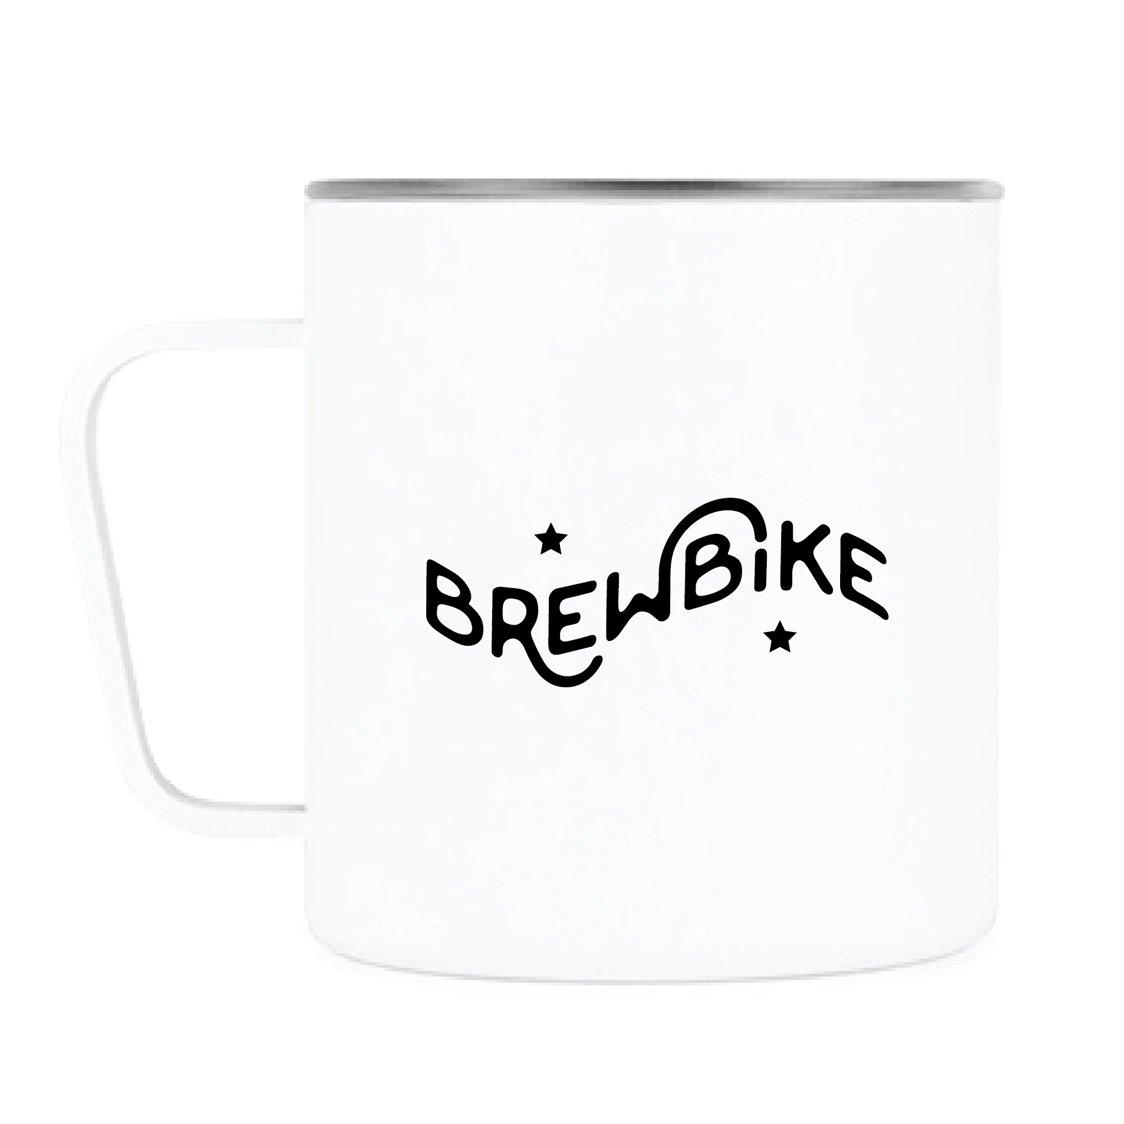 BrewBike Camp Cup